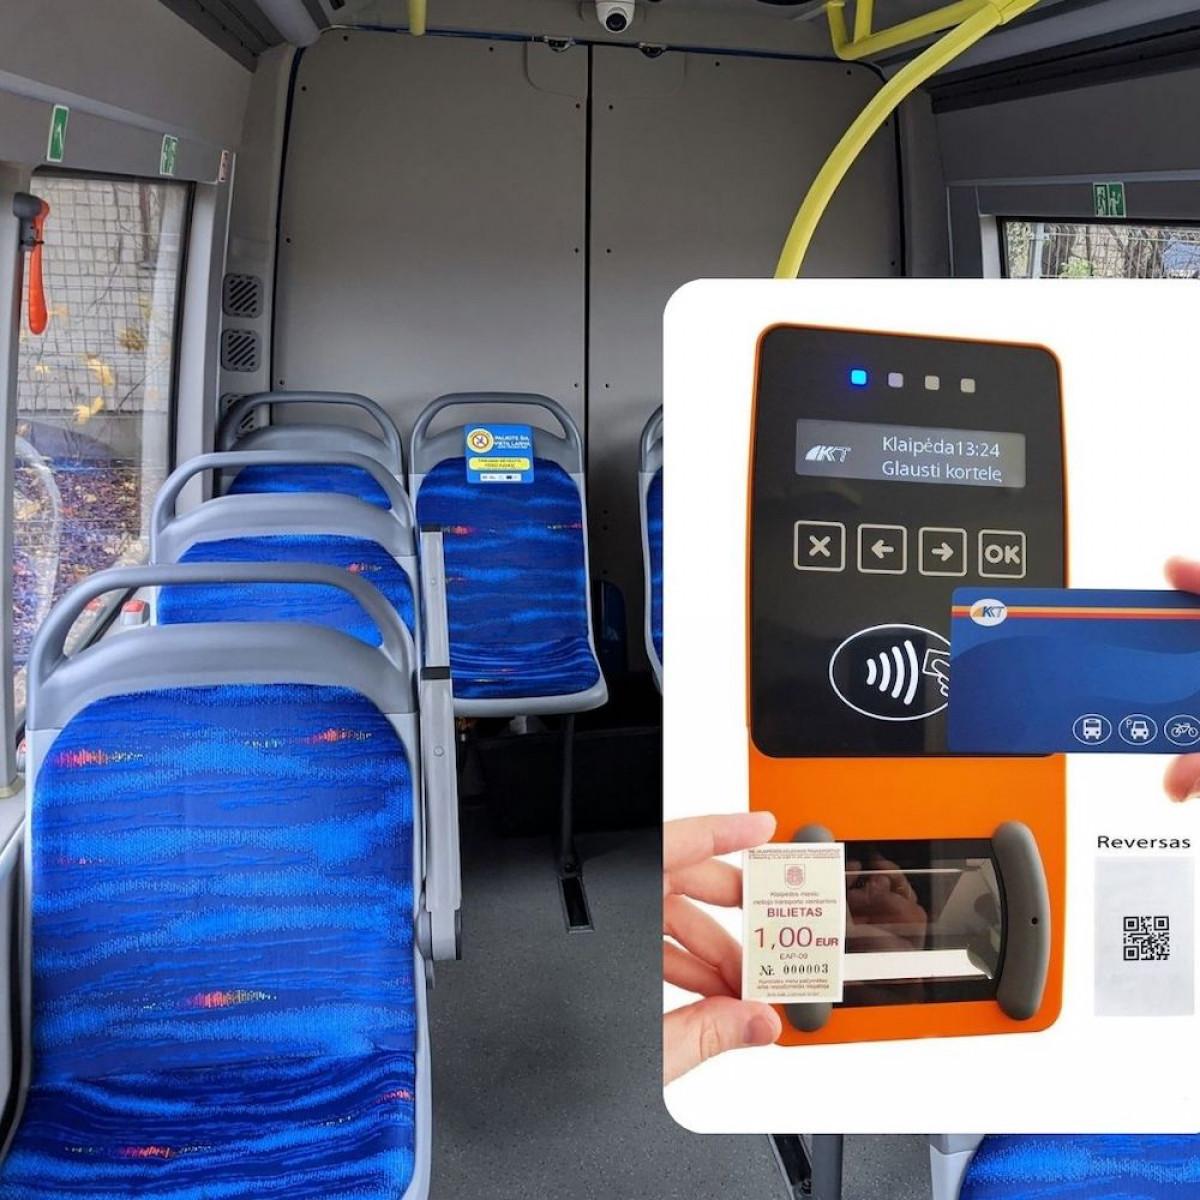 Maršrutiniu taksi į Palangą ir Kretingą – su QR kodo bilietais